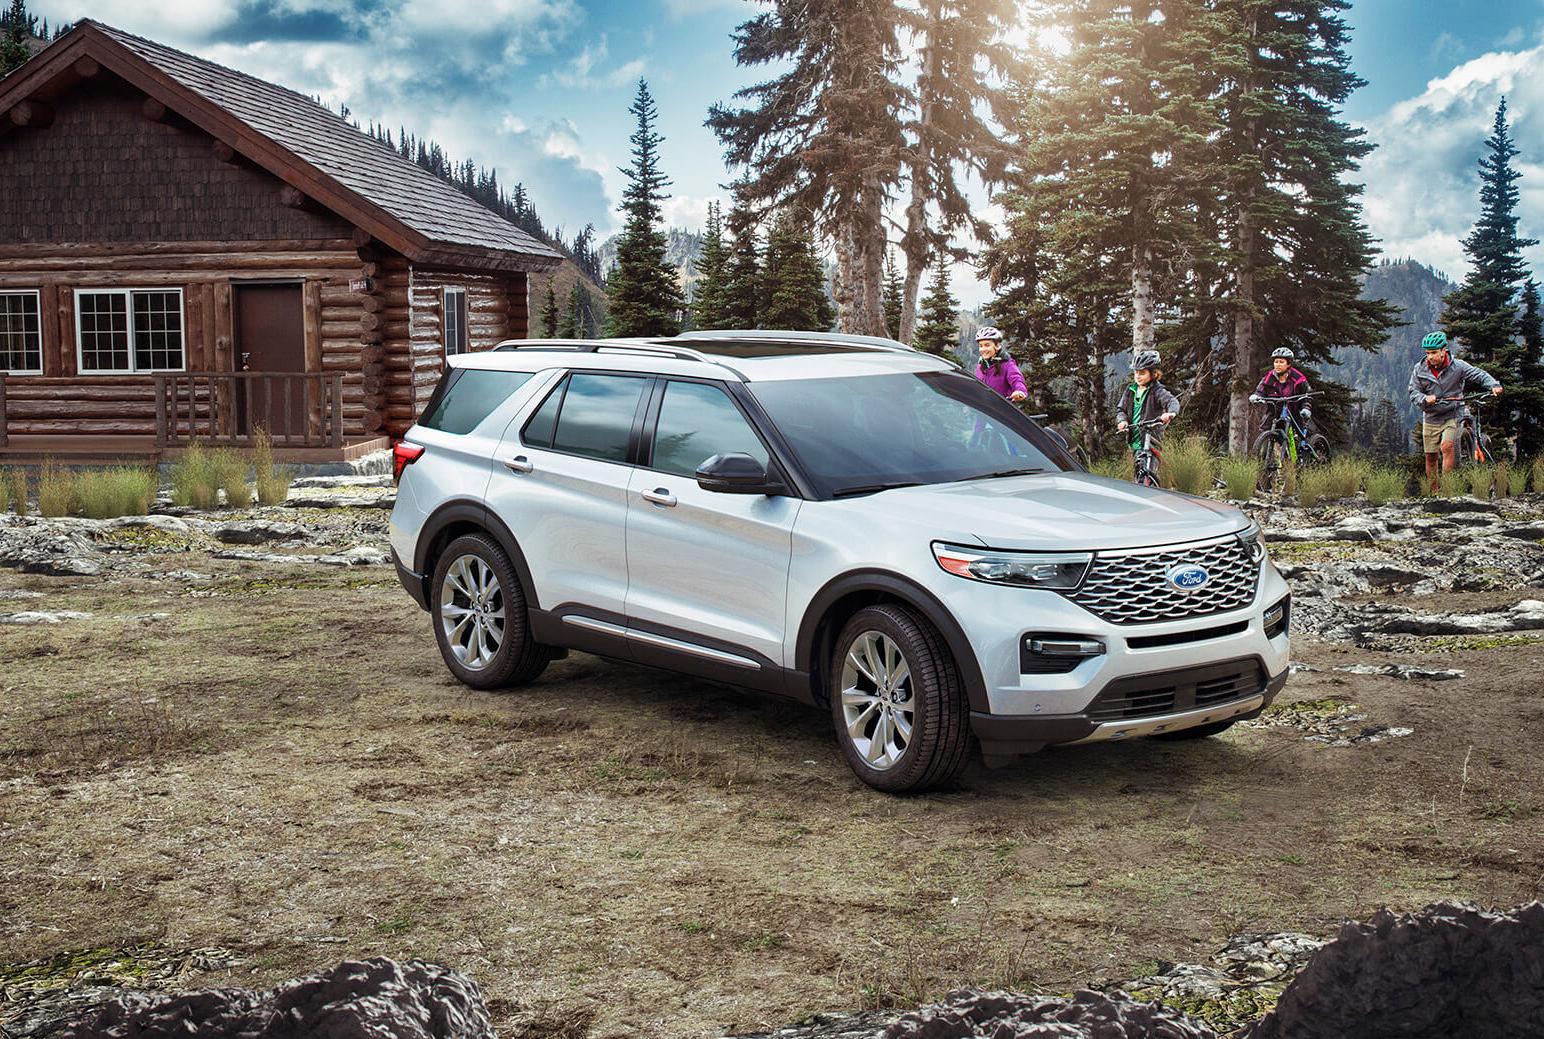 2021 Ford Exploer